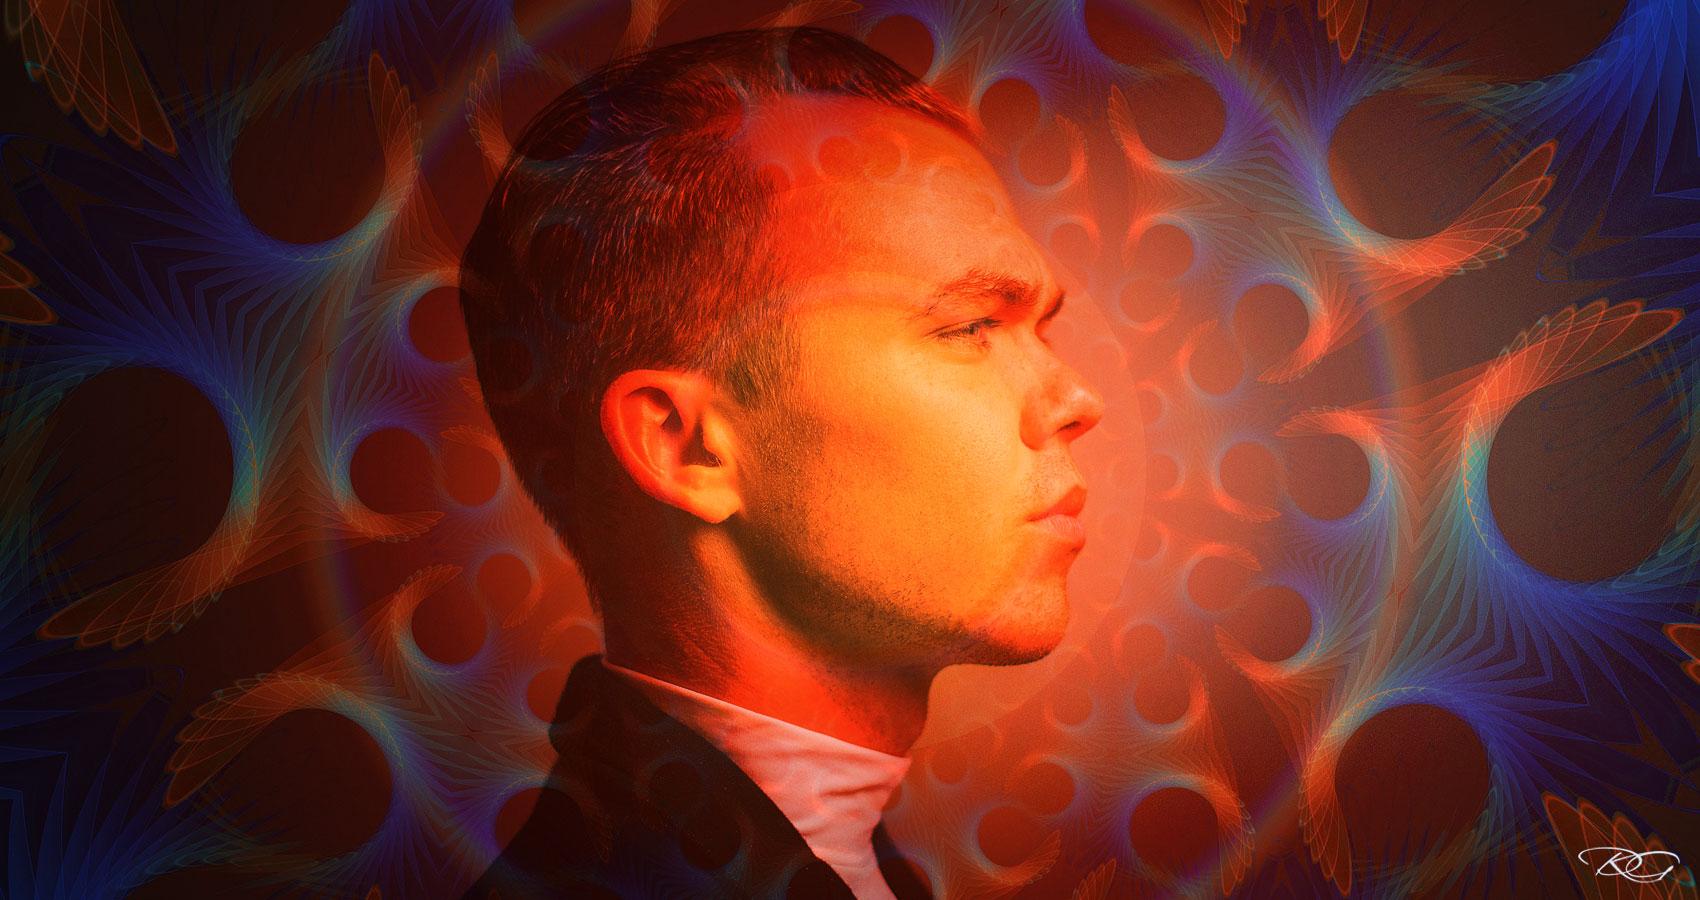 Shine Like The Sun by Bitupan Dasat Spillwords.com